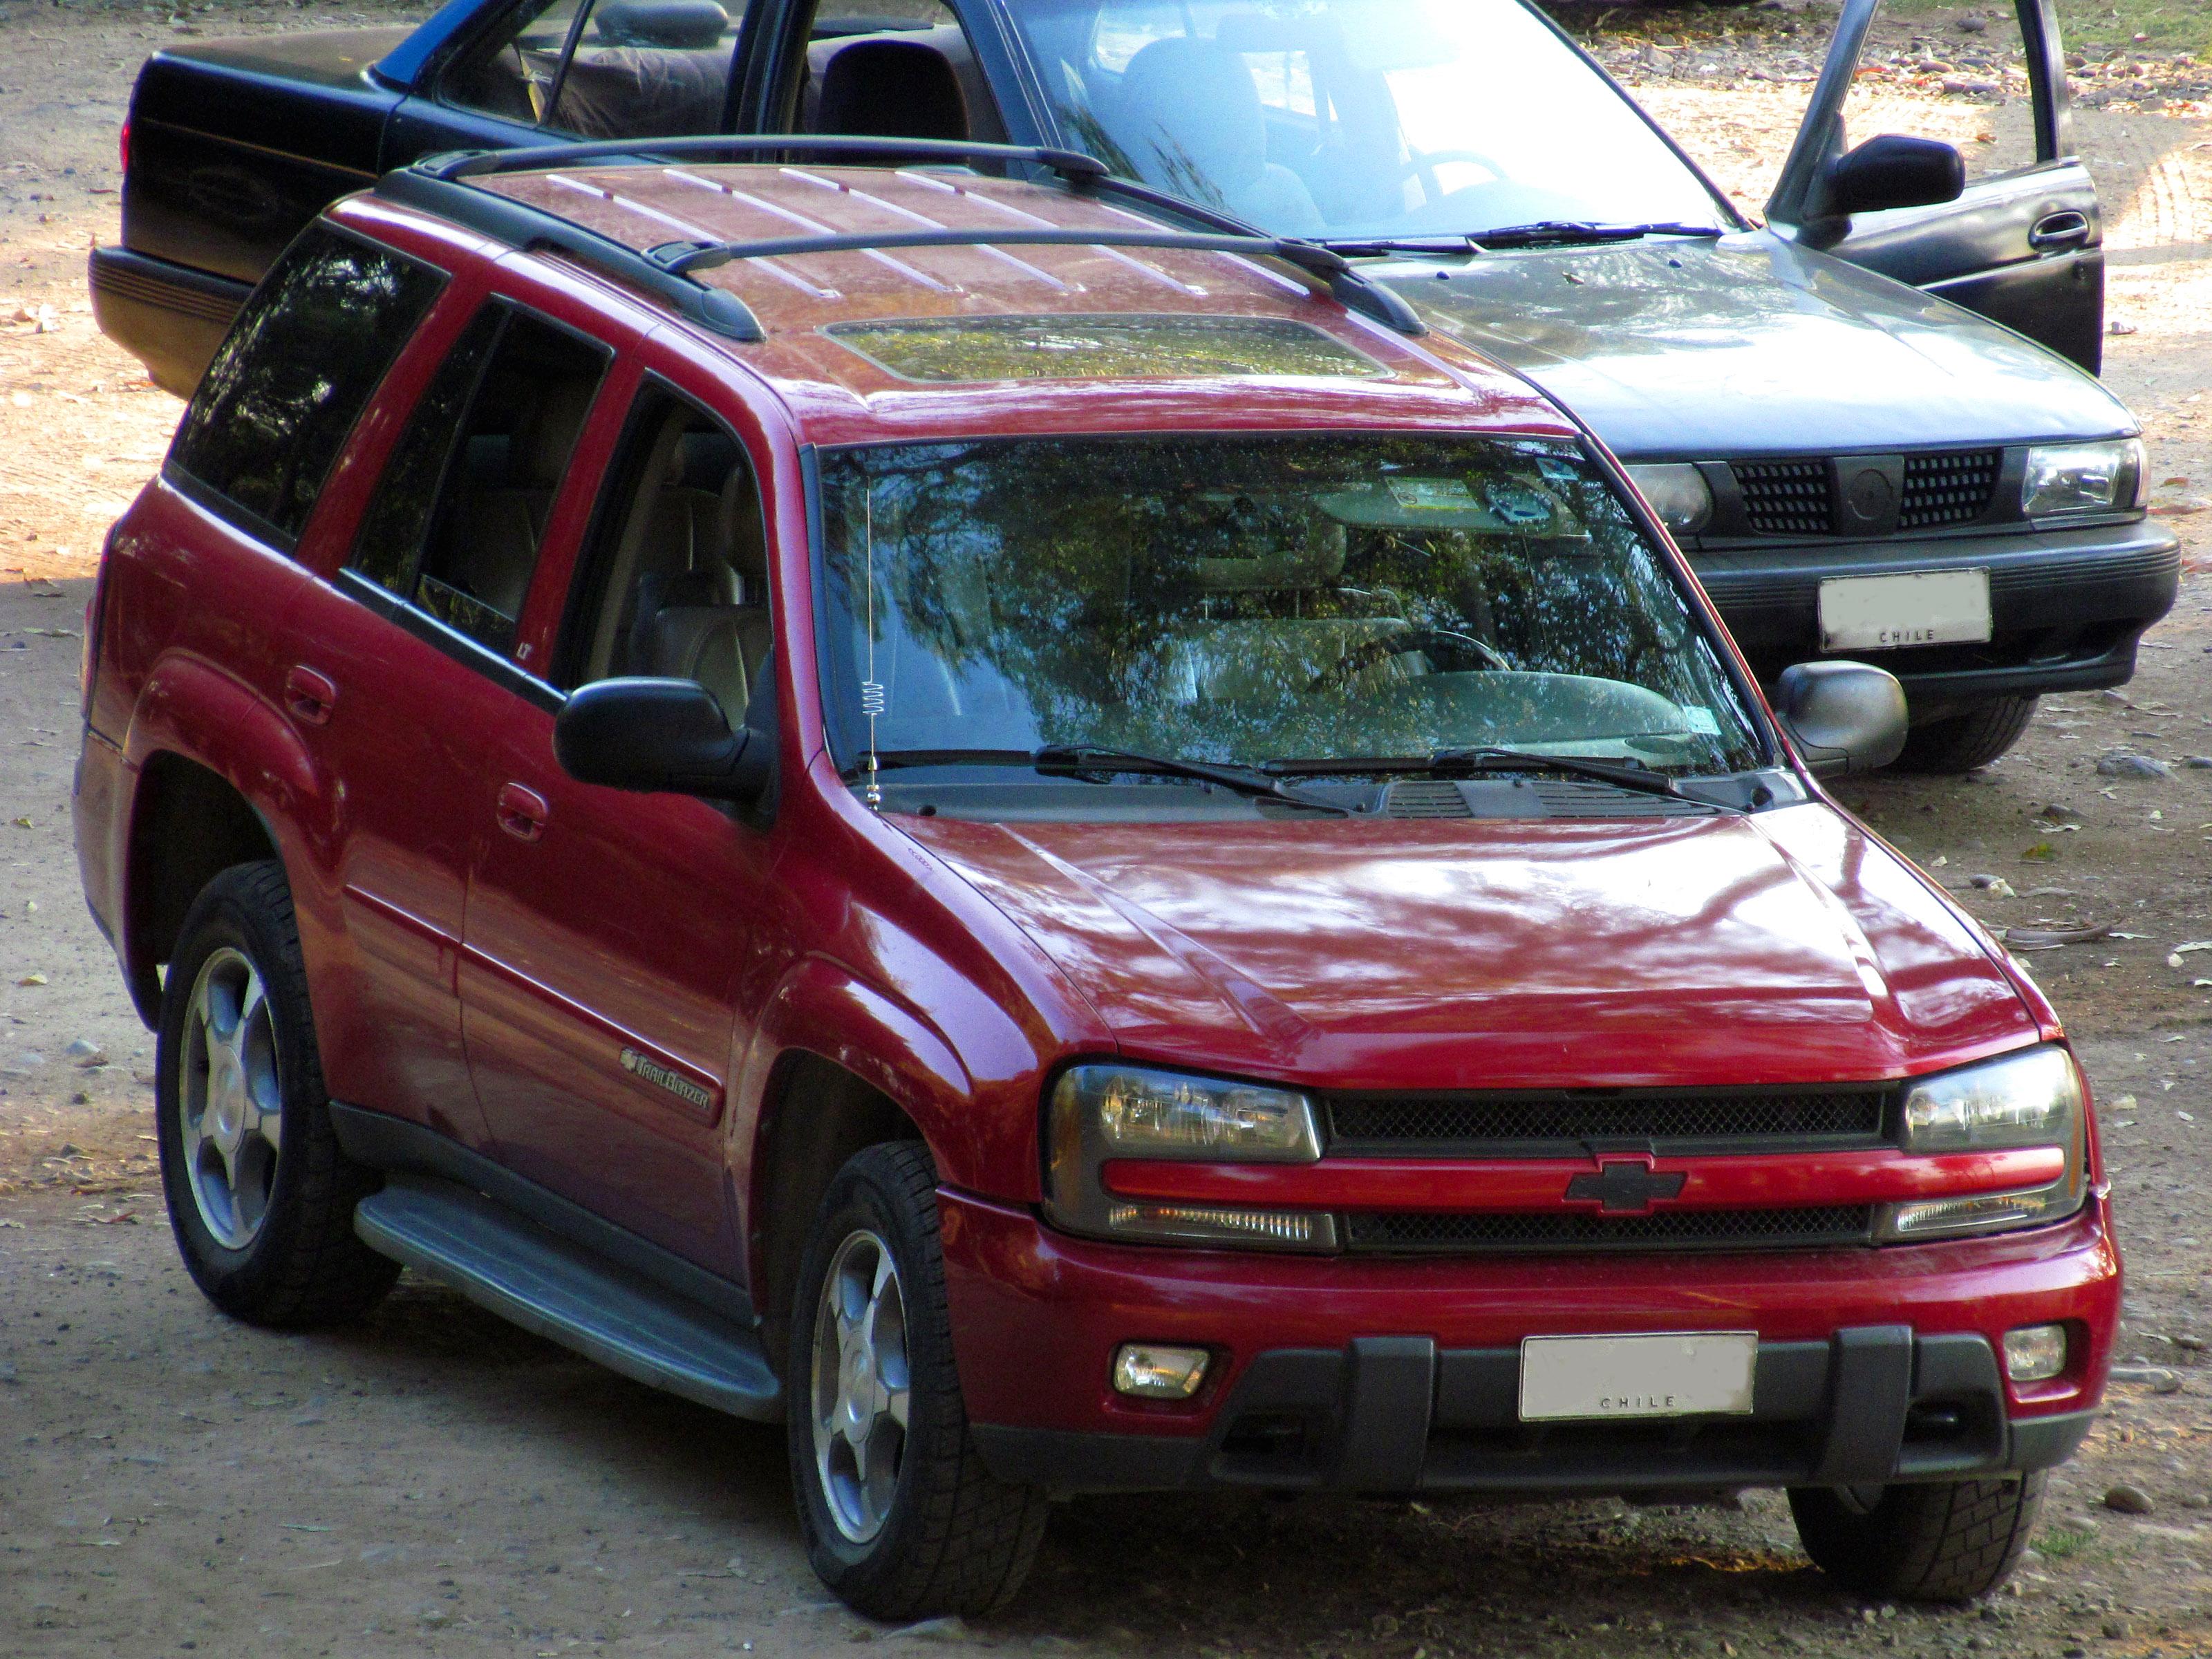 2015 Chevy Trailblazer >> File Chevrolet Trailblazer Lt 2004 16915980410 Jpg